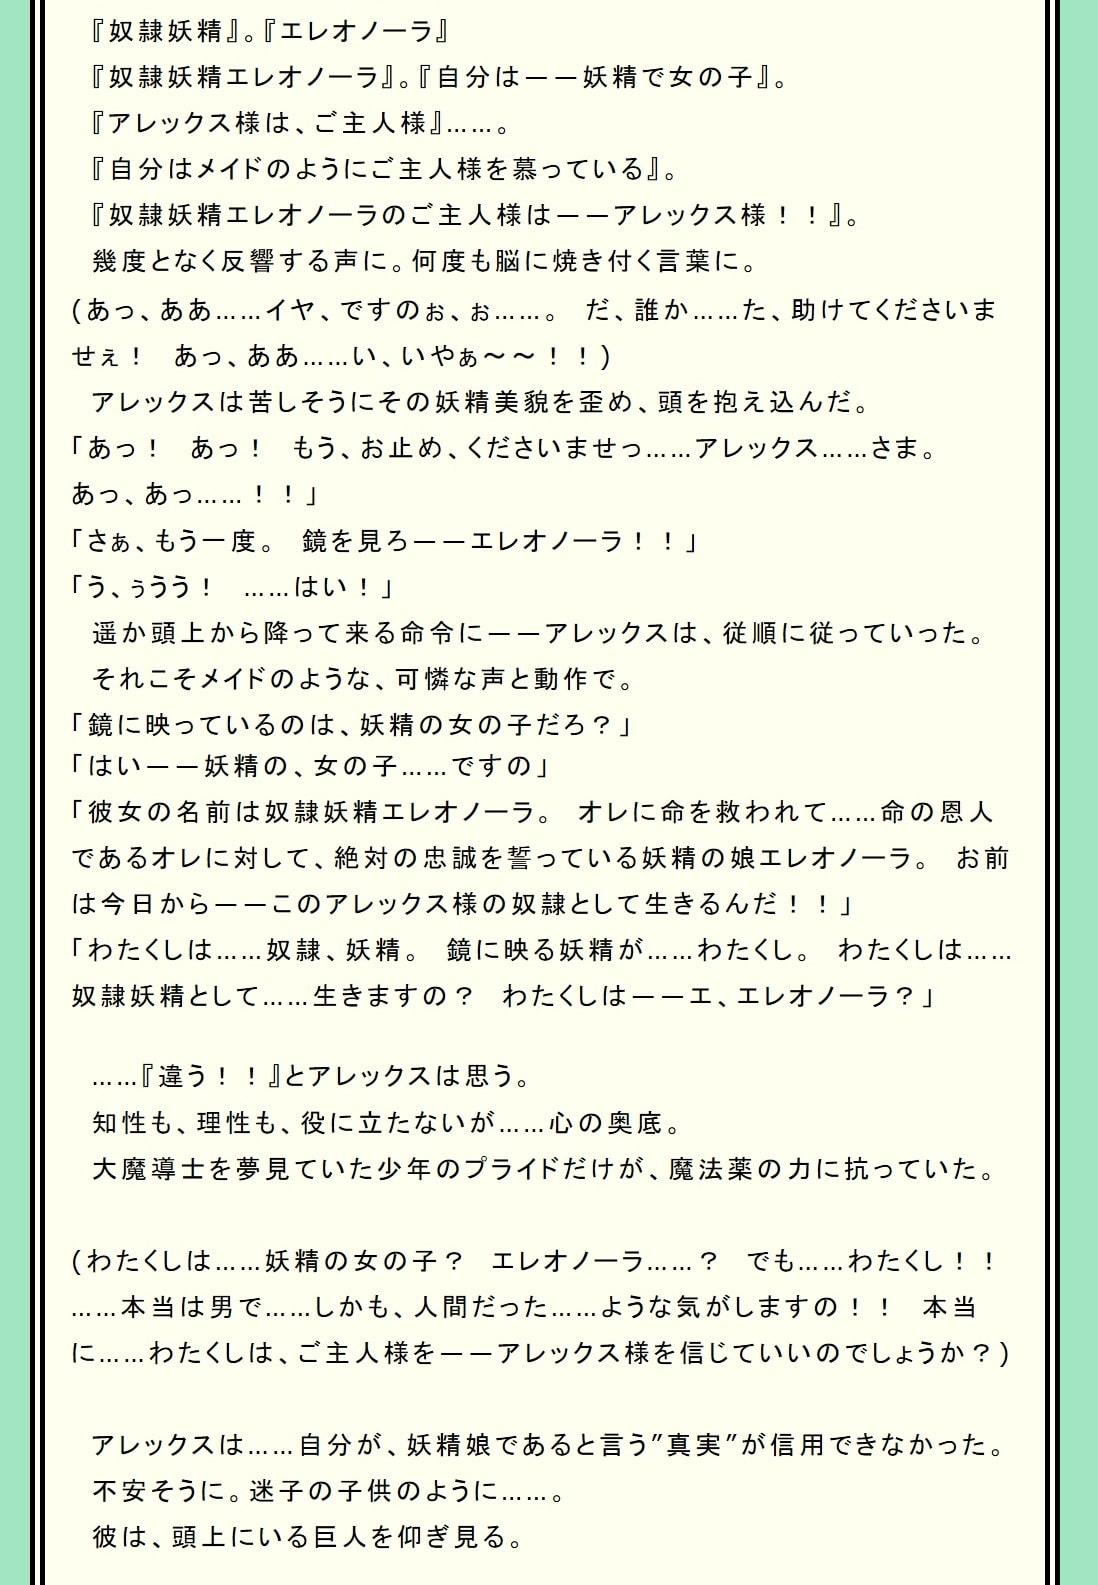 妖精TSF奇譚~俺が、オレの奴隷妖精!?~